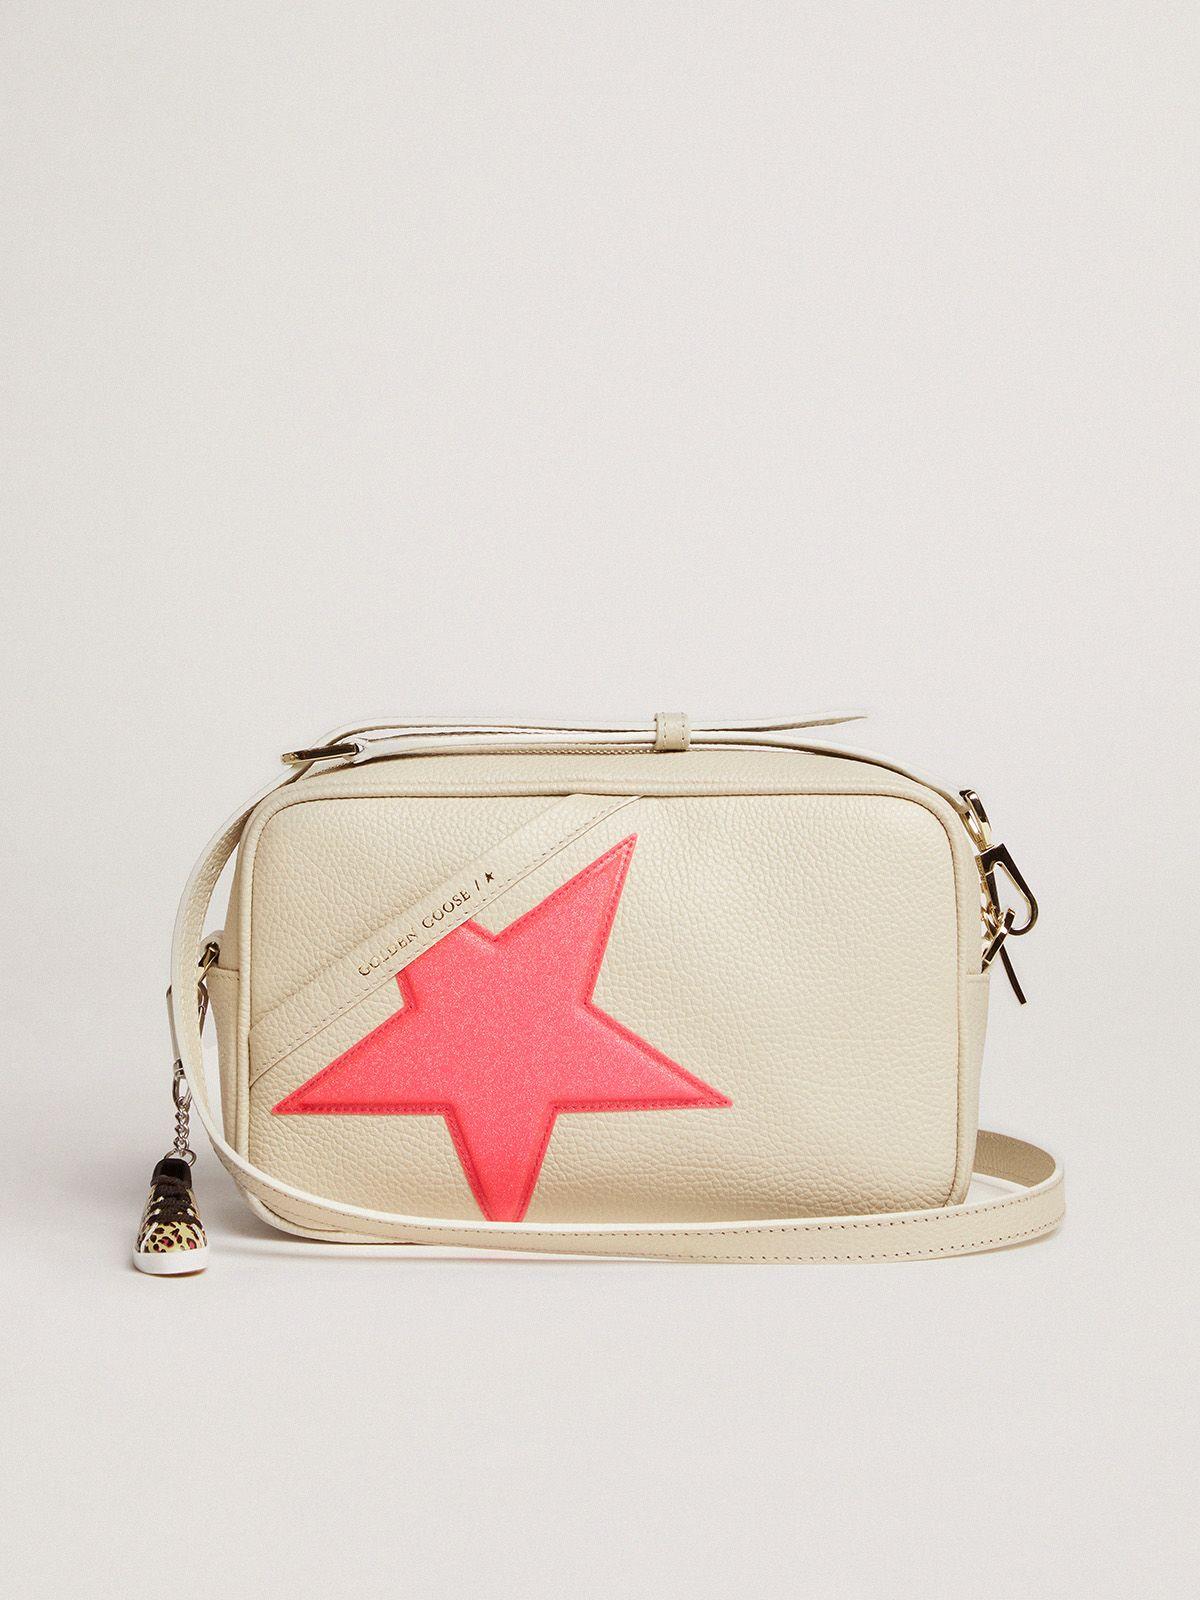 Borsa Star Bag bianco latte in pelle martellata, stella fucsia Golden Goose con glitter iridescenti